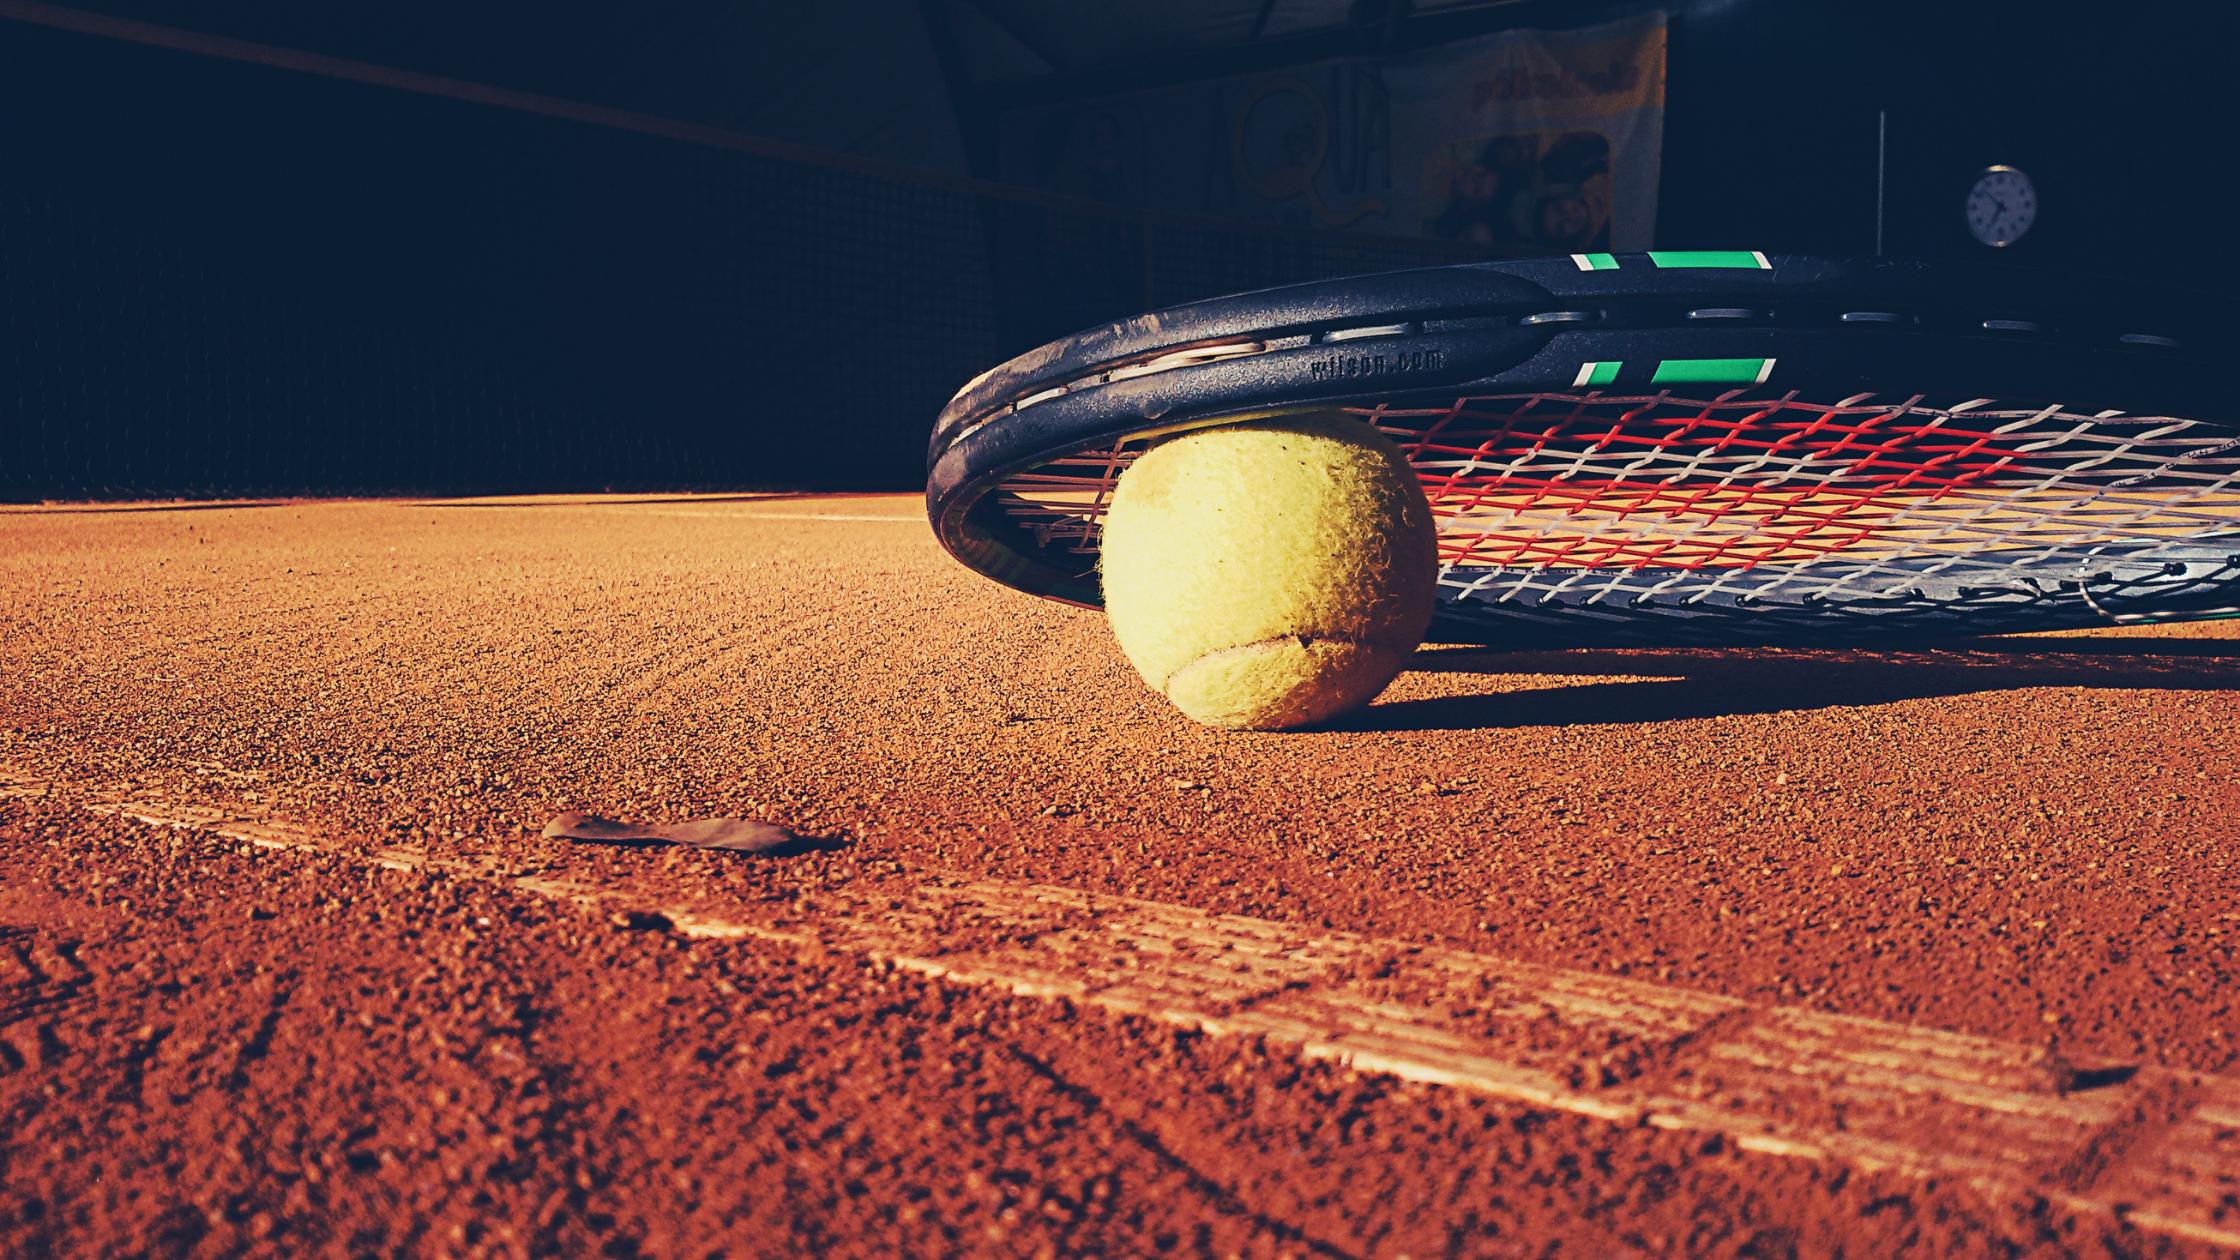 Podólogos oficiales de la Federación Insular de tenis de Tenerife